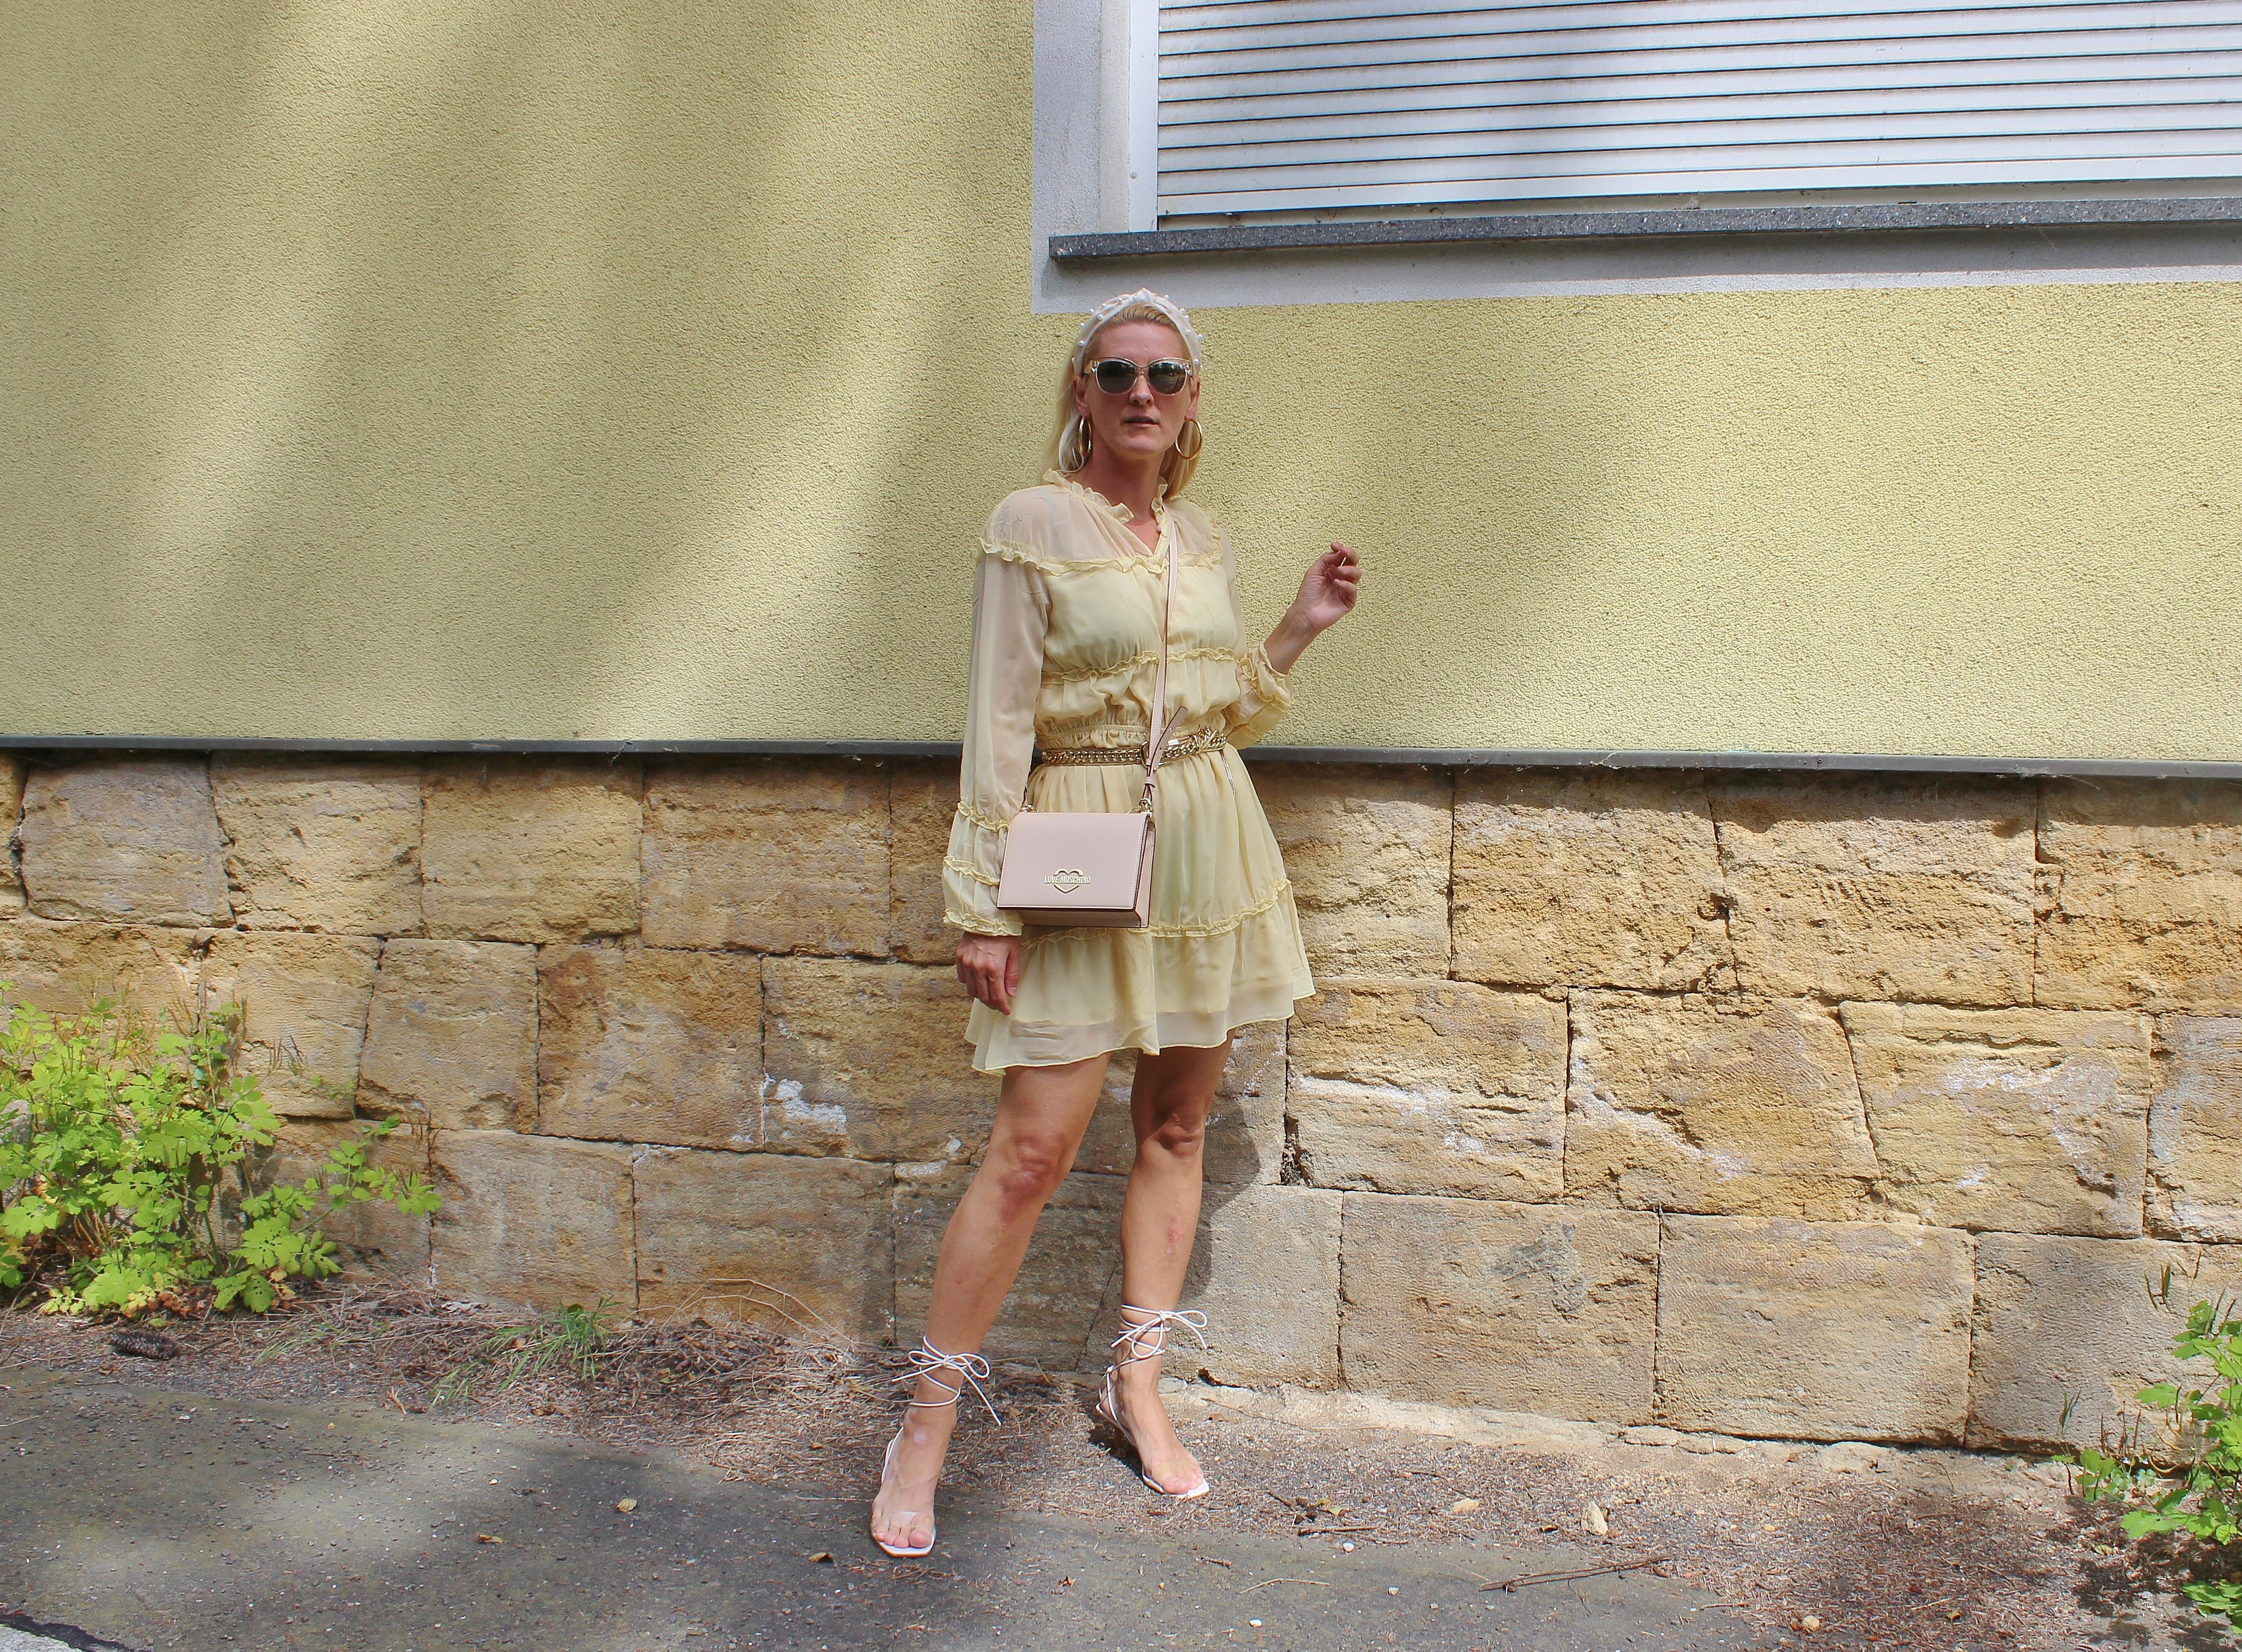 Zitronengelb-Kleid-Sommerkleider-Riemchensandalen-Strappy Heels-Nakd Fashion-carrieslifestyle-Tamara Prutsch-Fashionvimi Tasche-Moschino Love